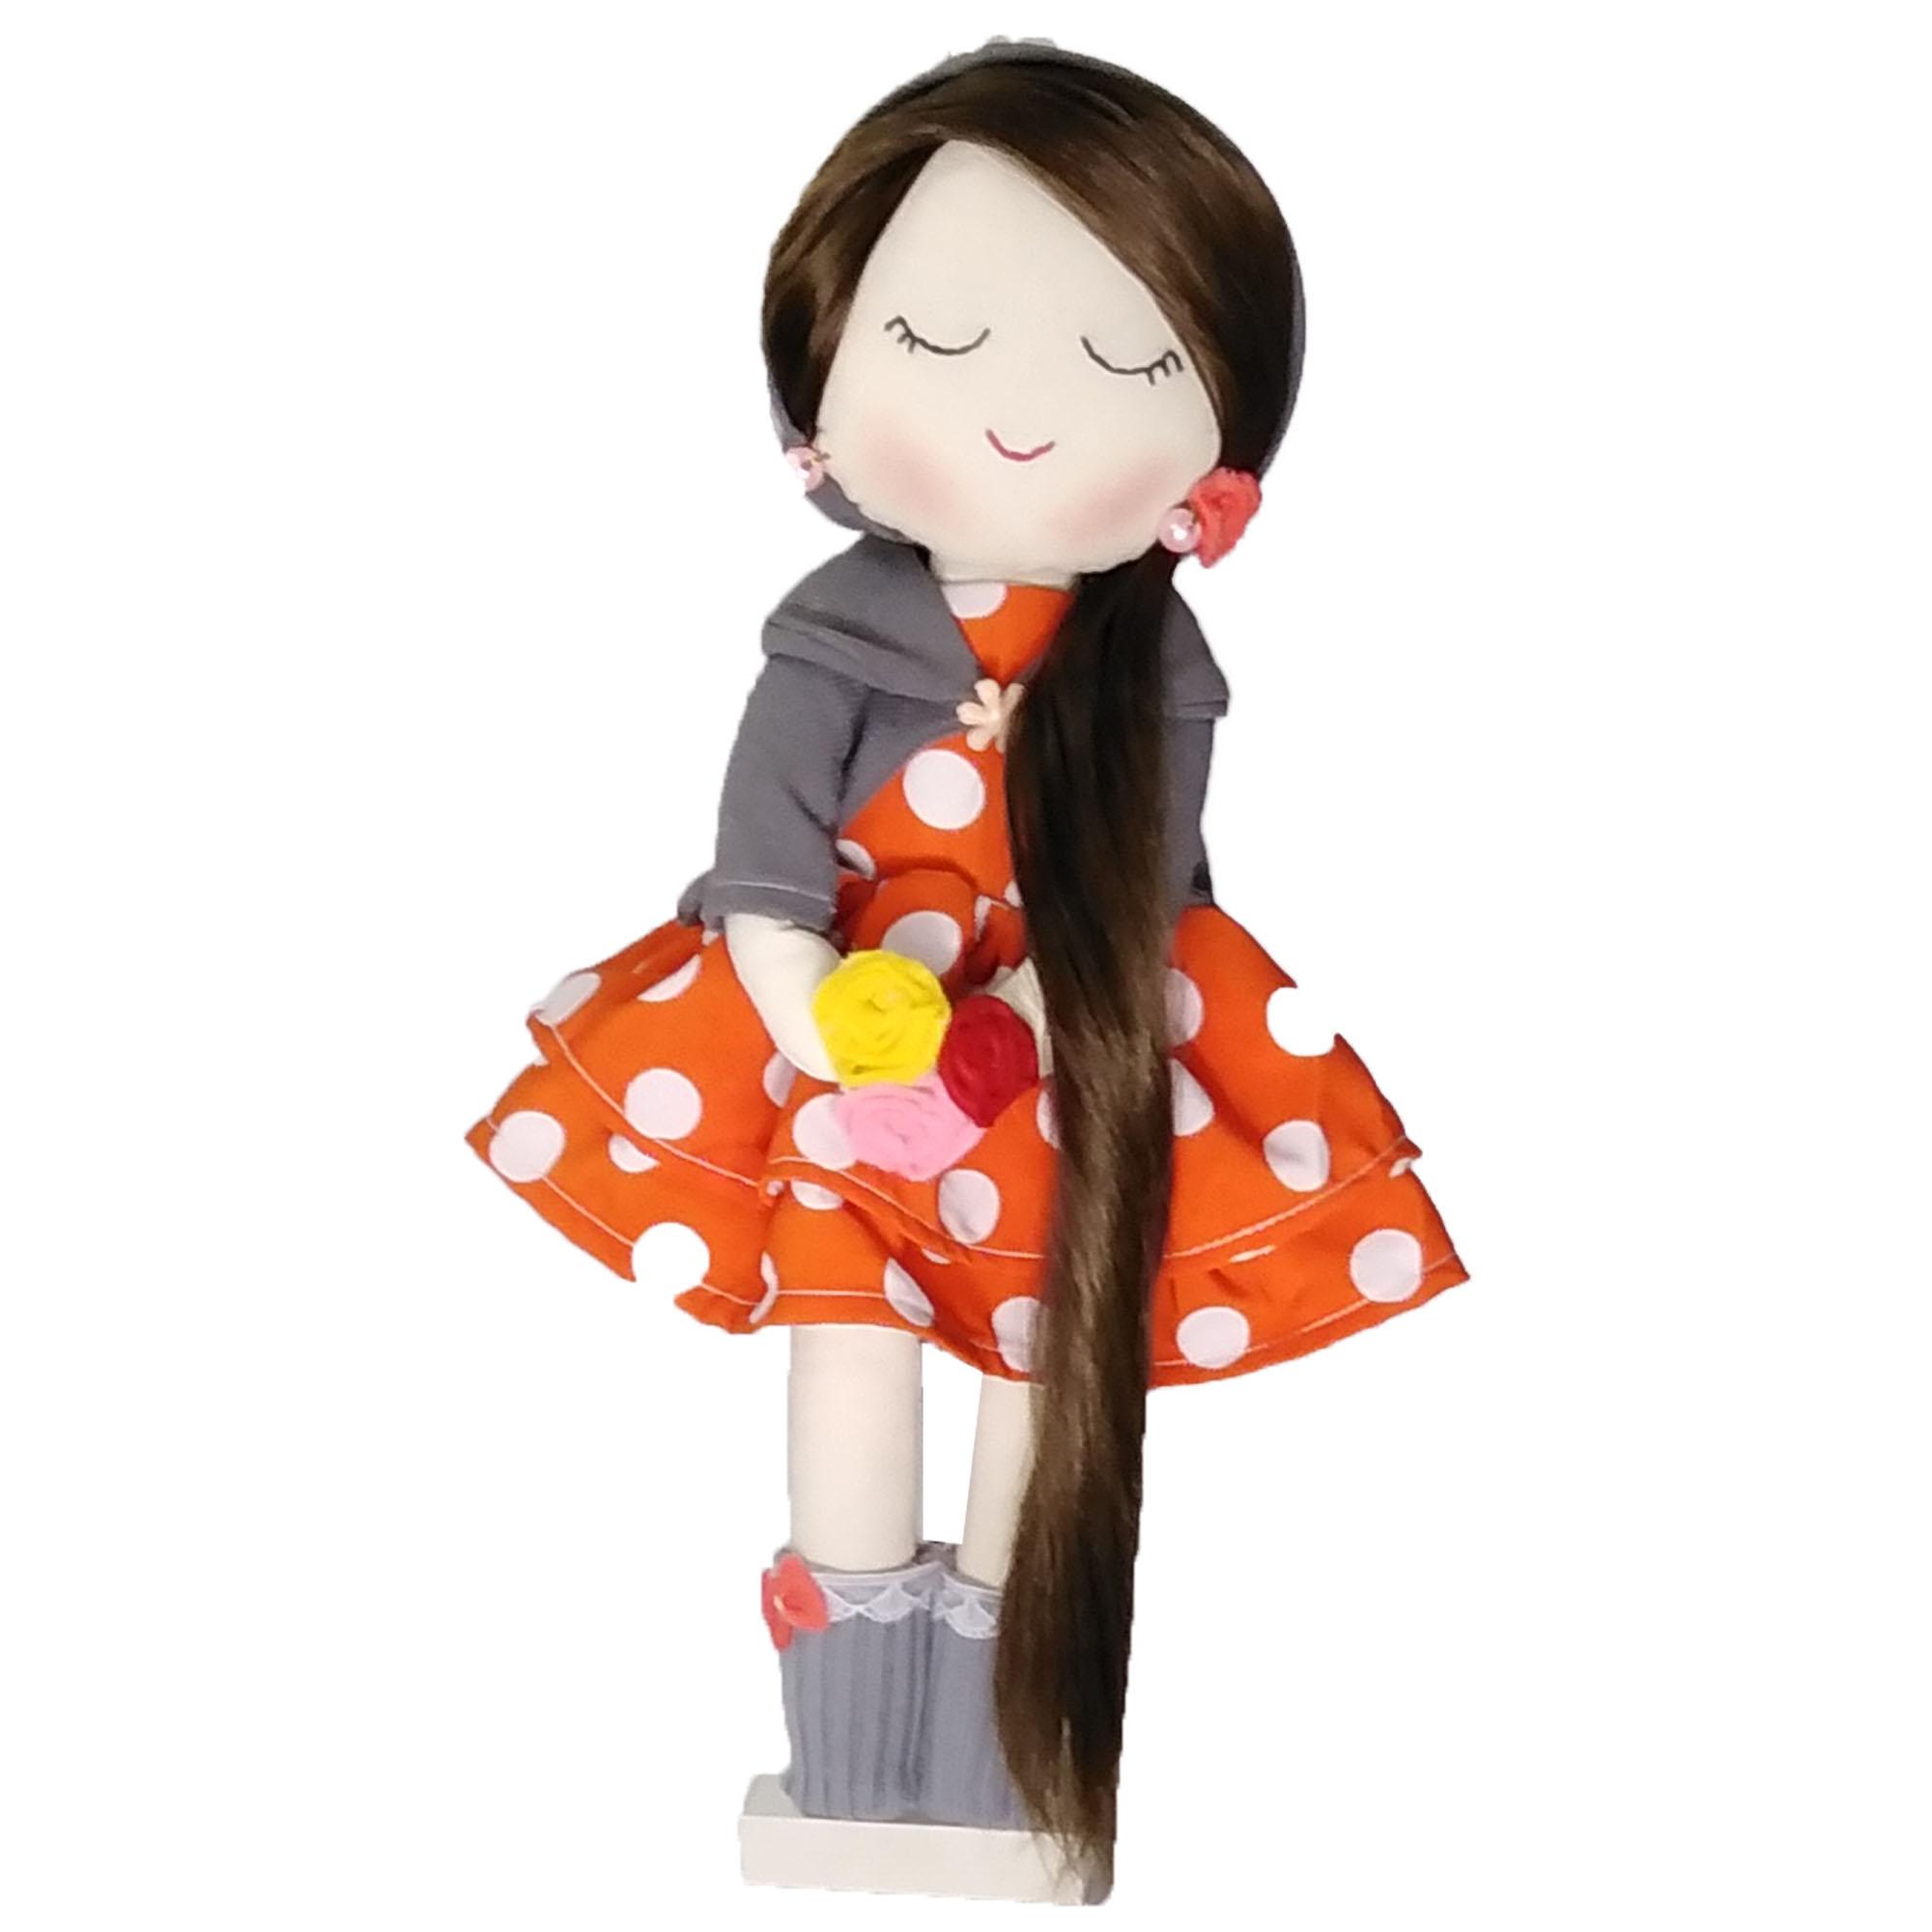 عروسک طرح دختر مدل یاس کد 002 ارتفاع 36 سانتی متر